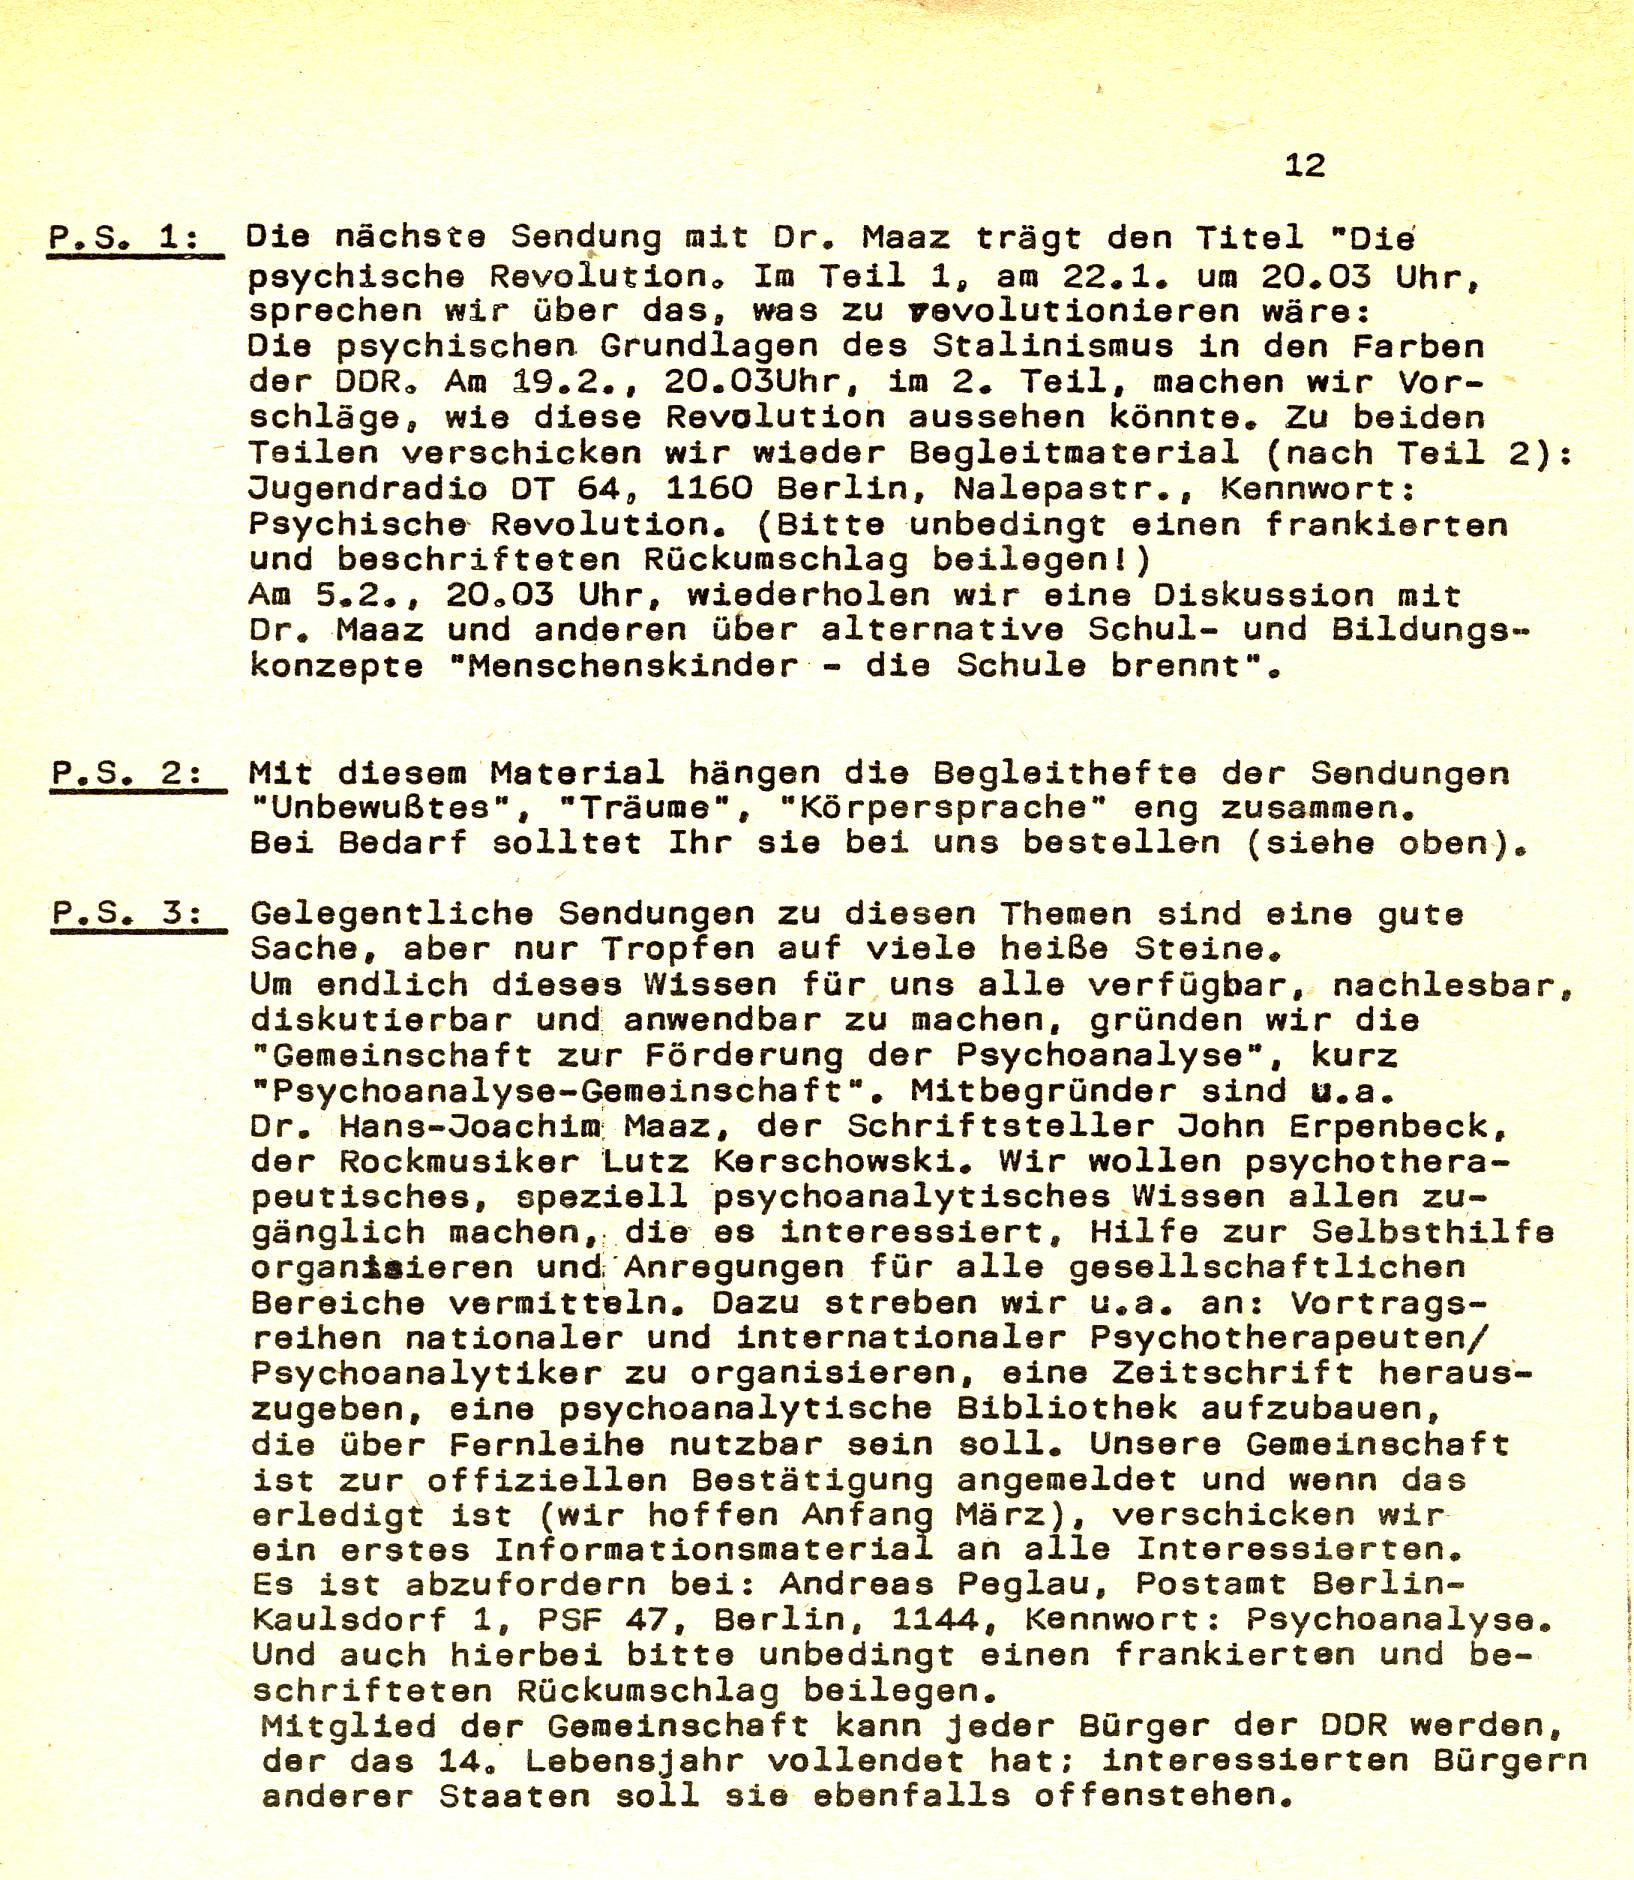 """Schriftliche Mitteilung zur Gründung der """"Gemeinschaft zur Förderung der Psychoanalyse"""" im Informationsmaterial der Sendung vom 18.12.1989."""